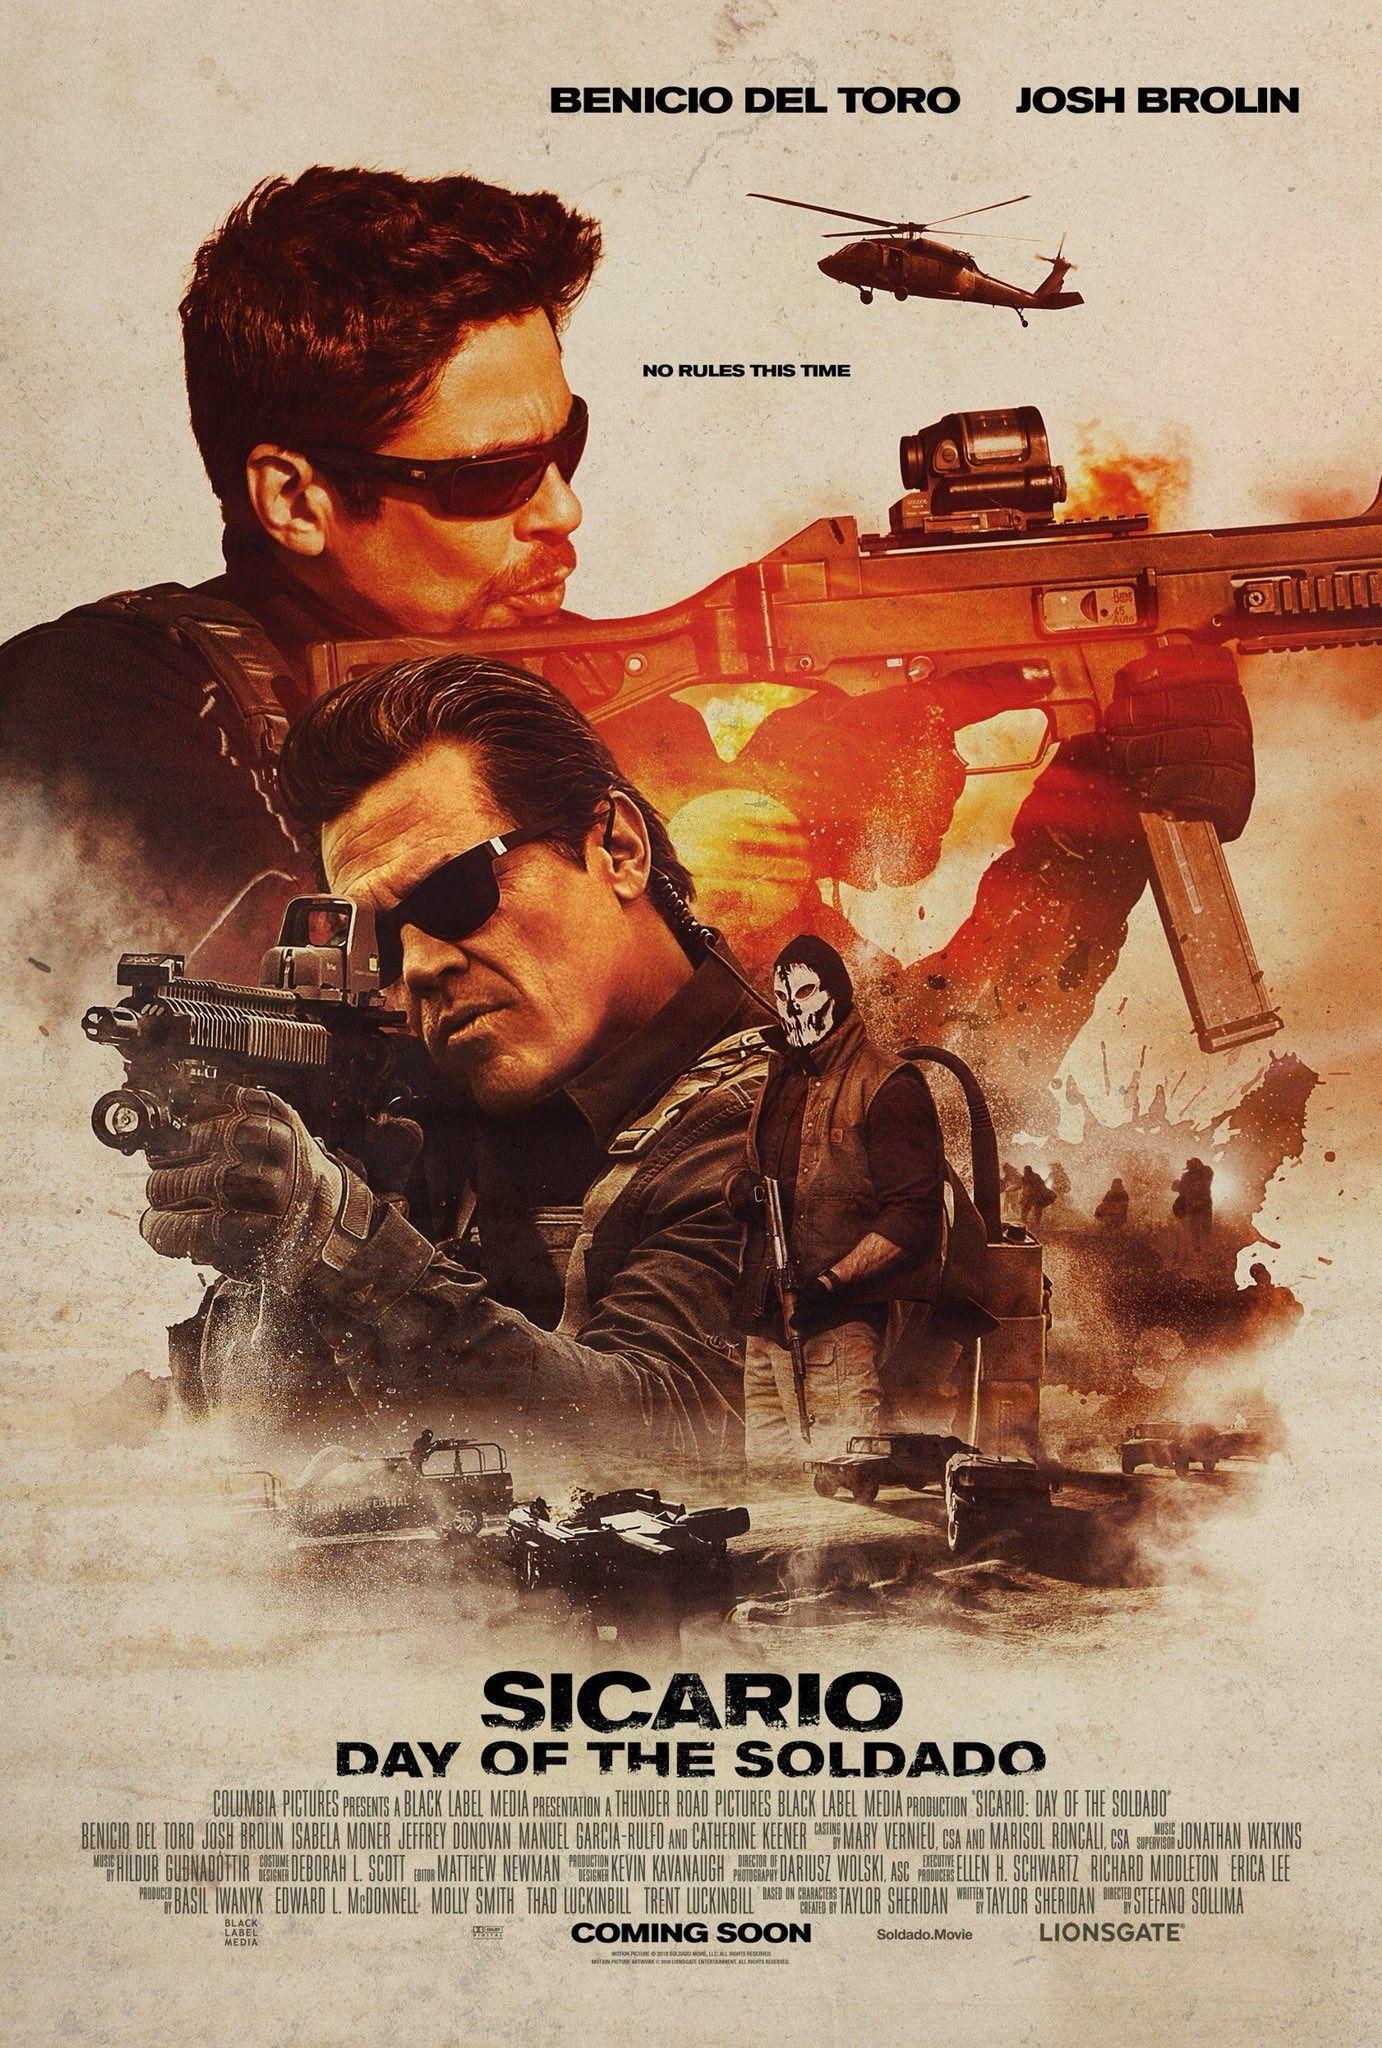 Sicario Day Of The Soldado  Movie Posters I Love -6249